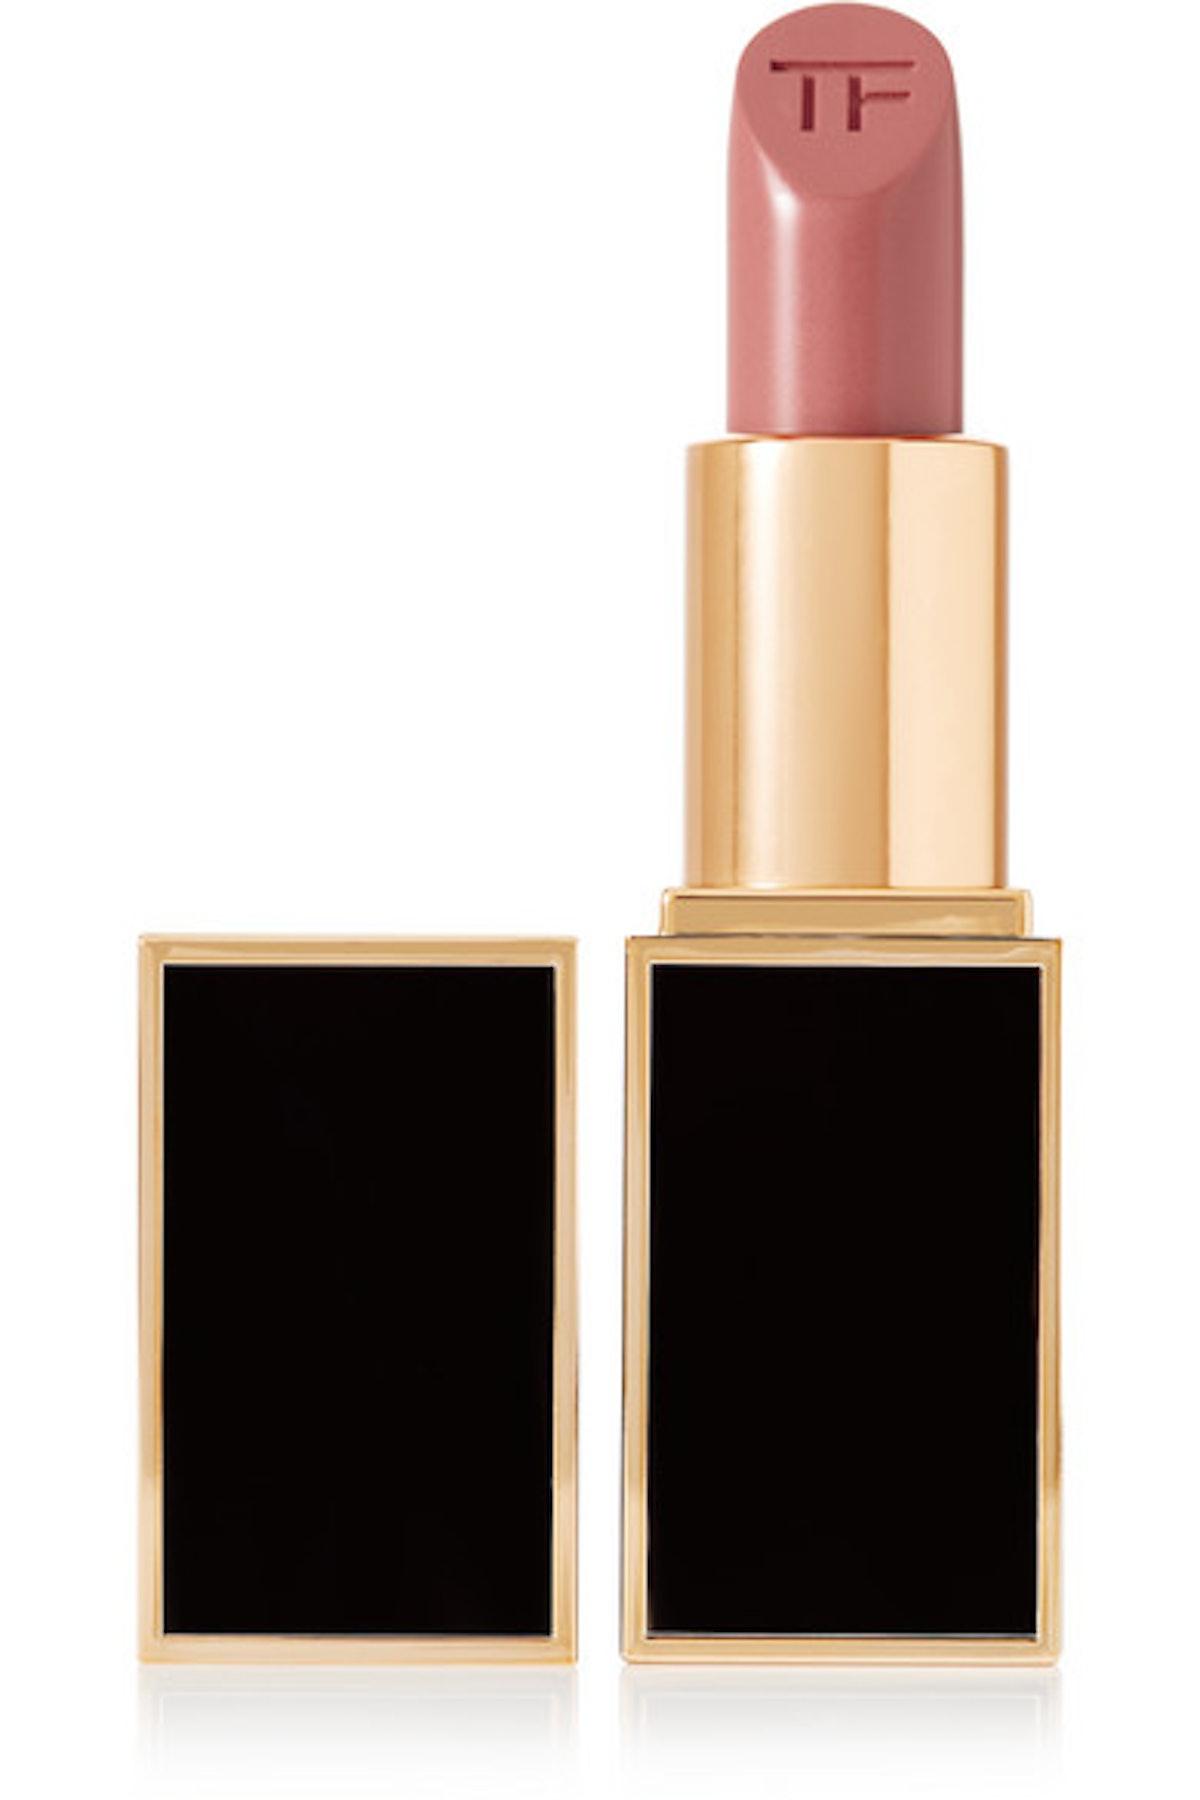 Lip Color In Blush Nude